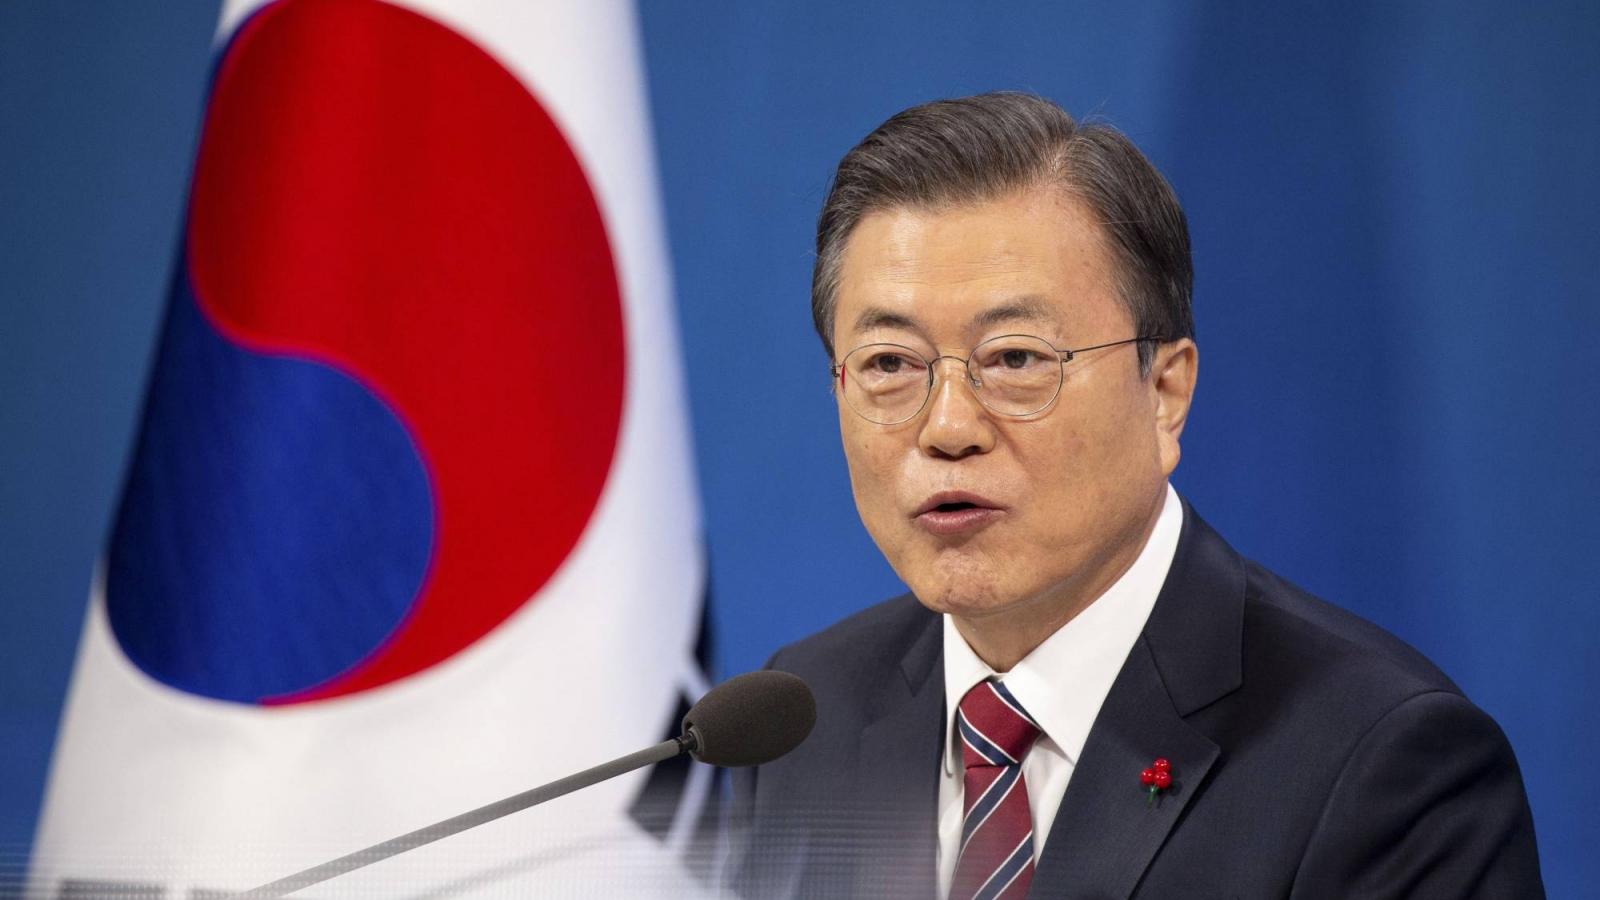 Tổng thống Hàn Quốc nói về quan hệ với Triều Tiên